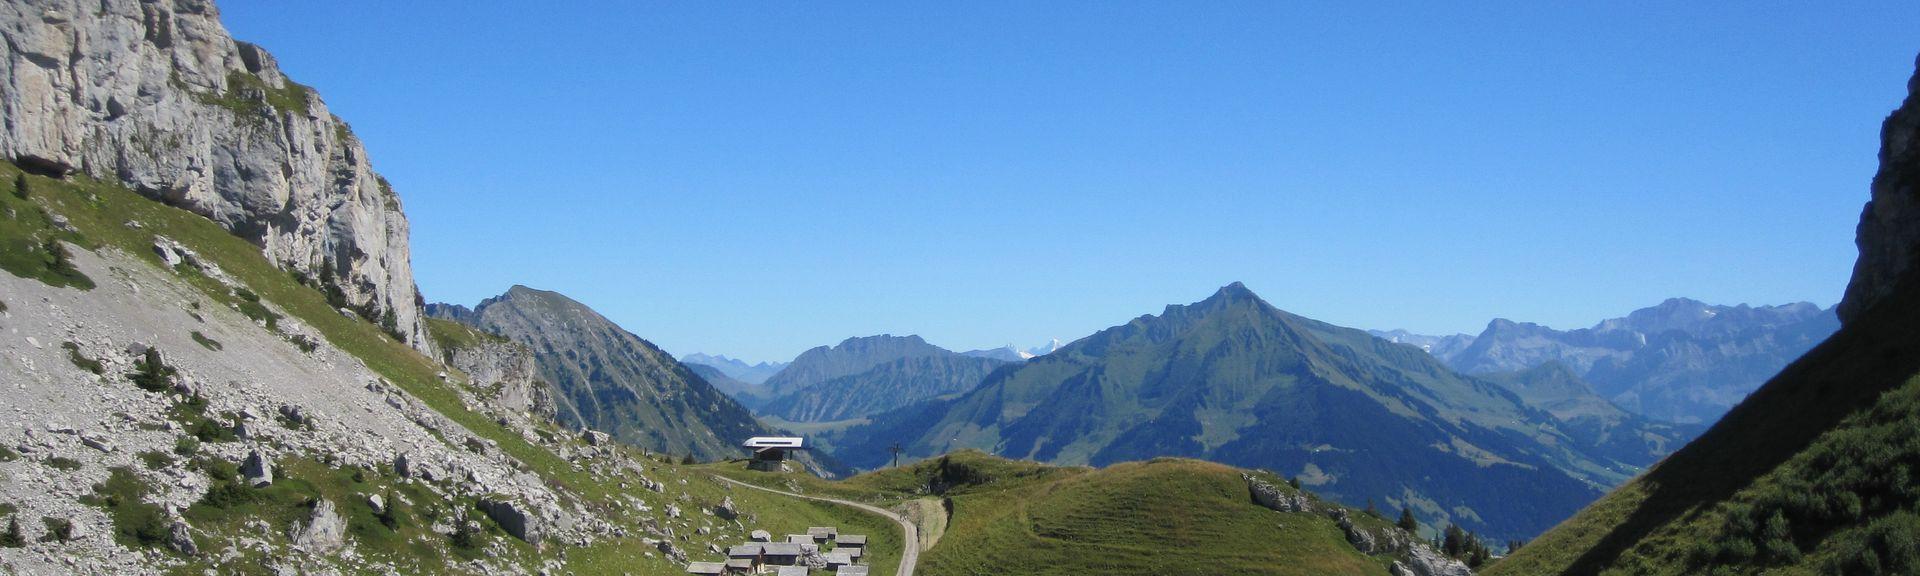 Les Diablerets, Cantón de Vaud, Suiza